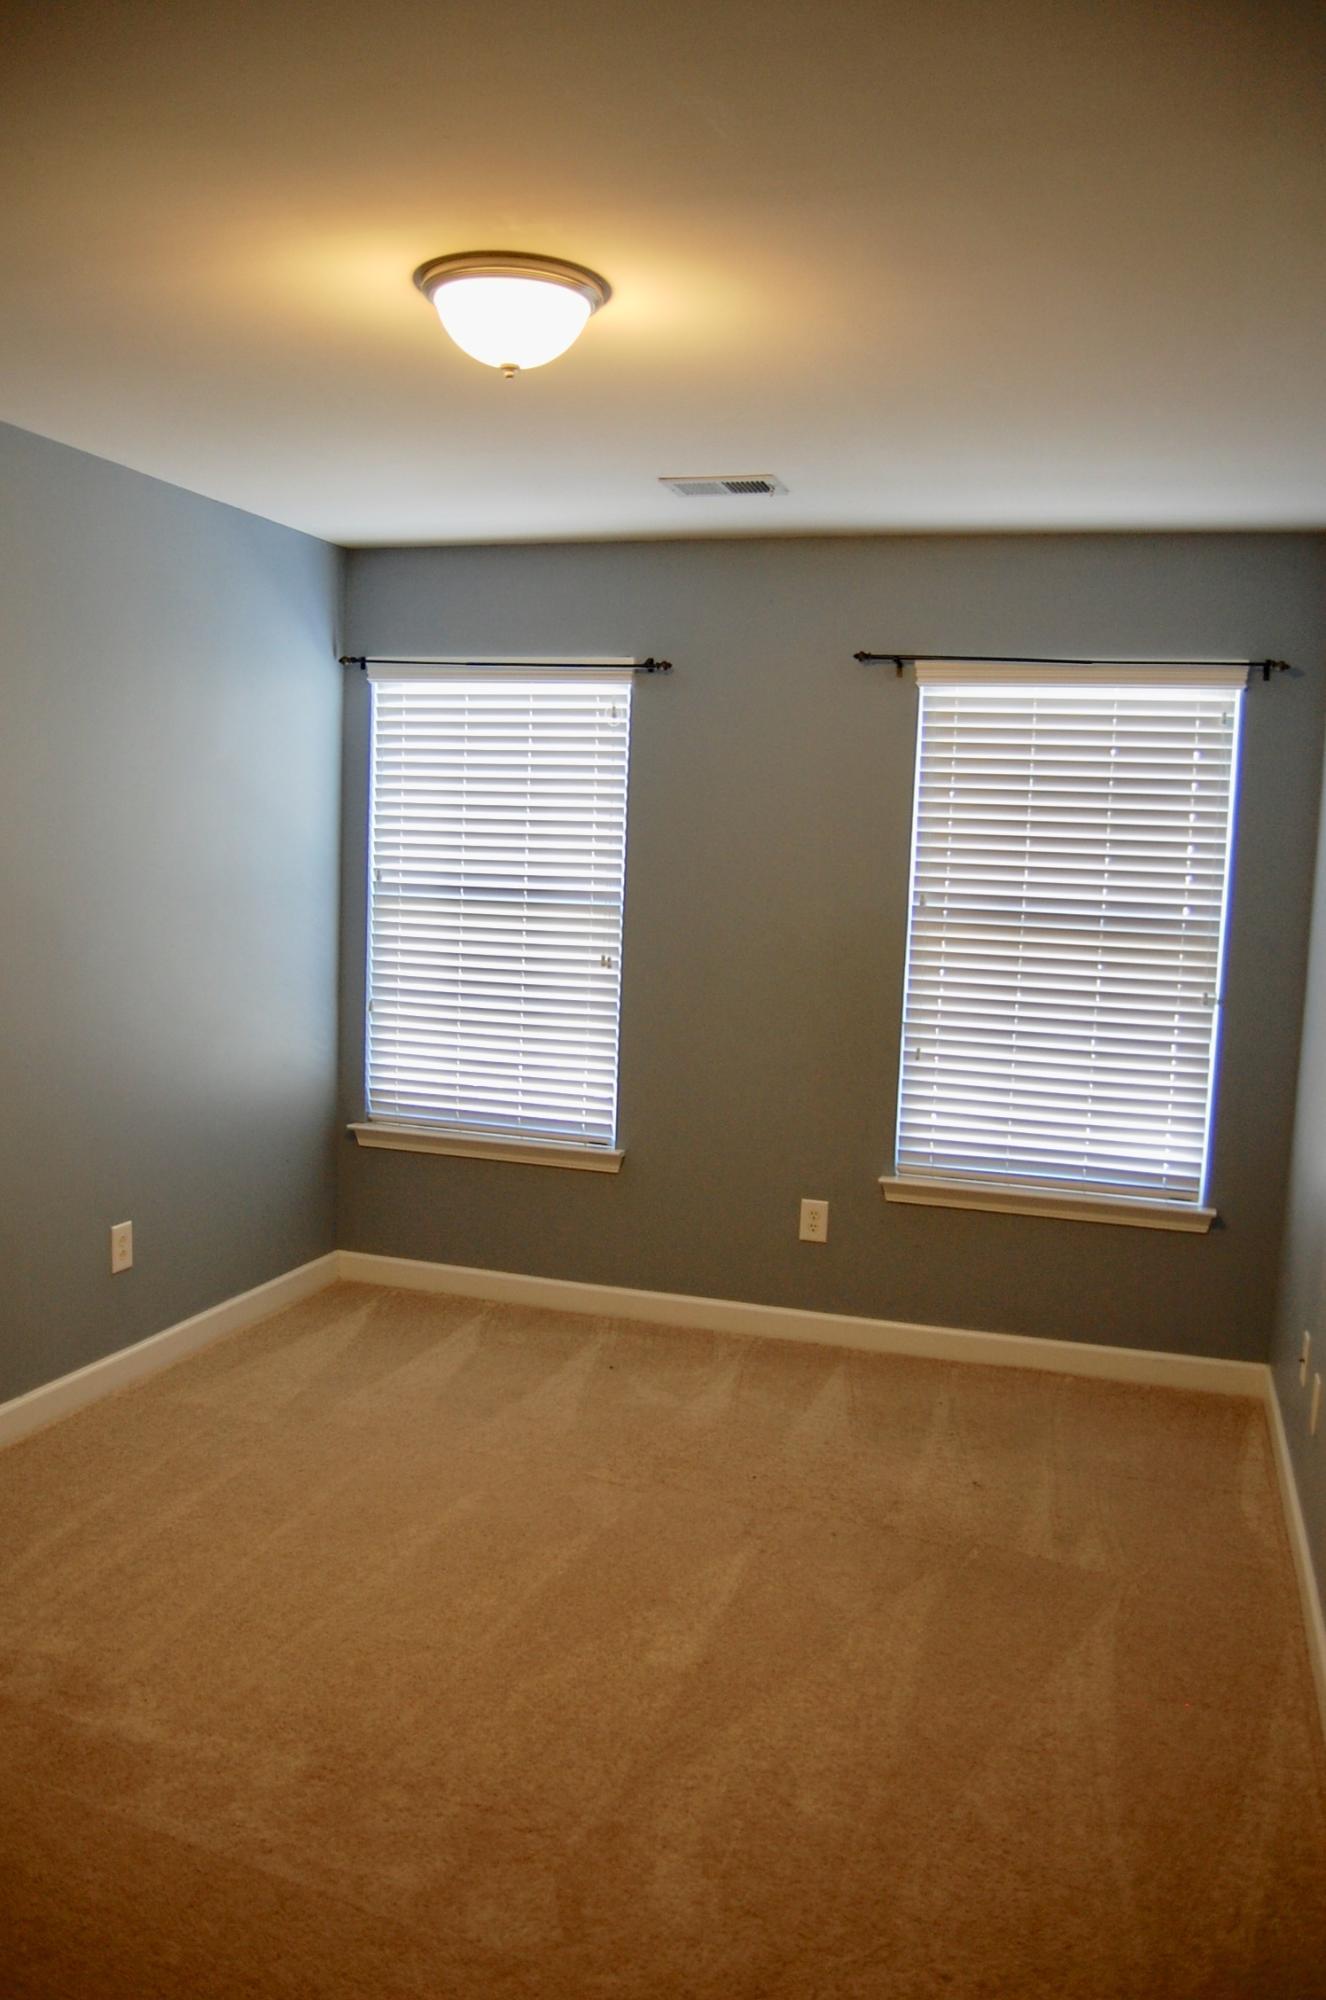 Park West Homes For Sale - 3529 Claremont, Mount Pleasant, SC - 17